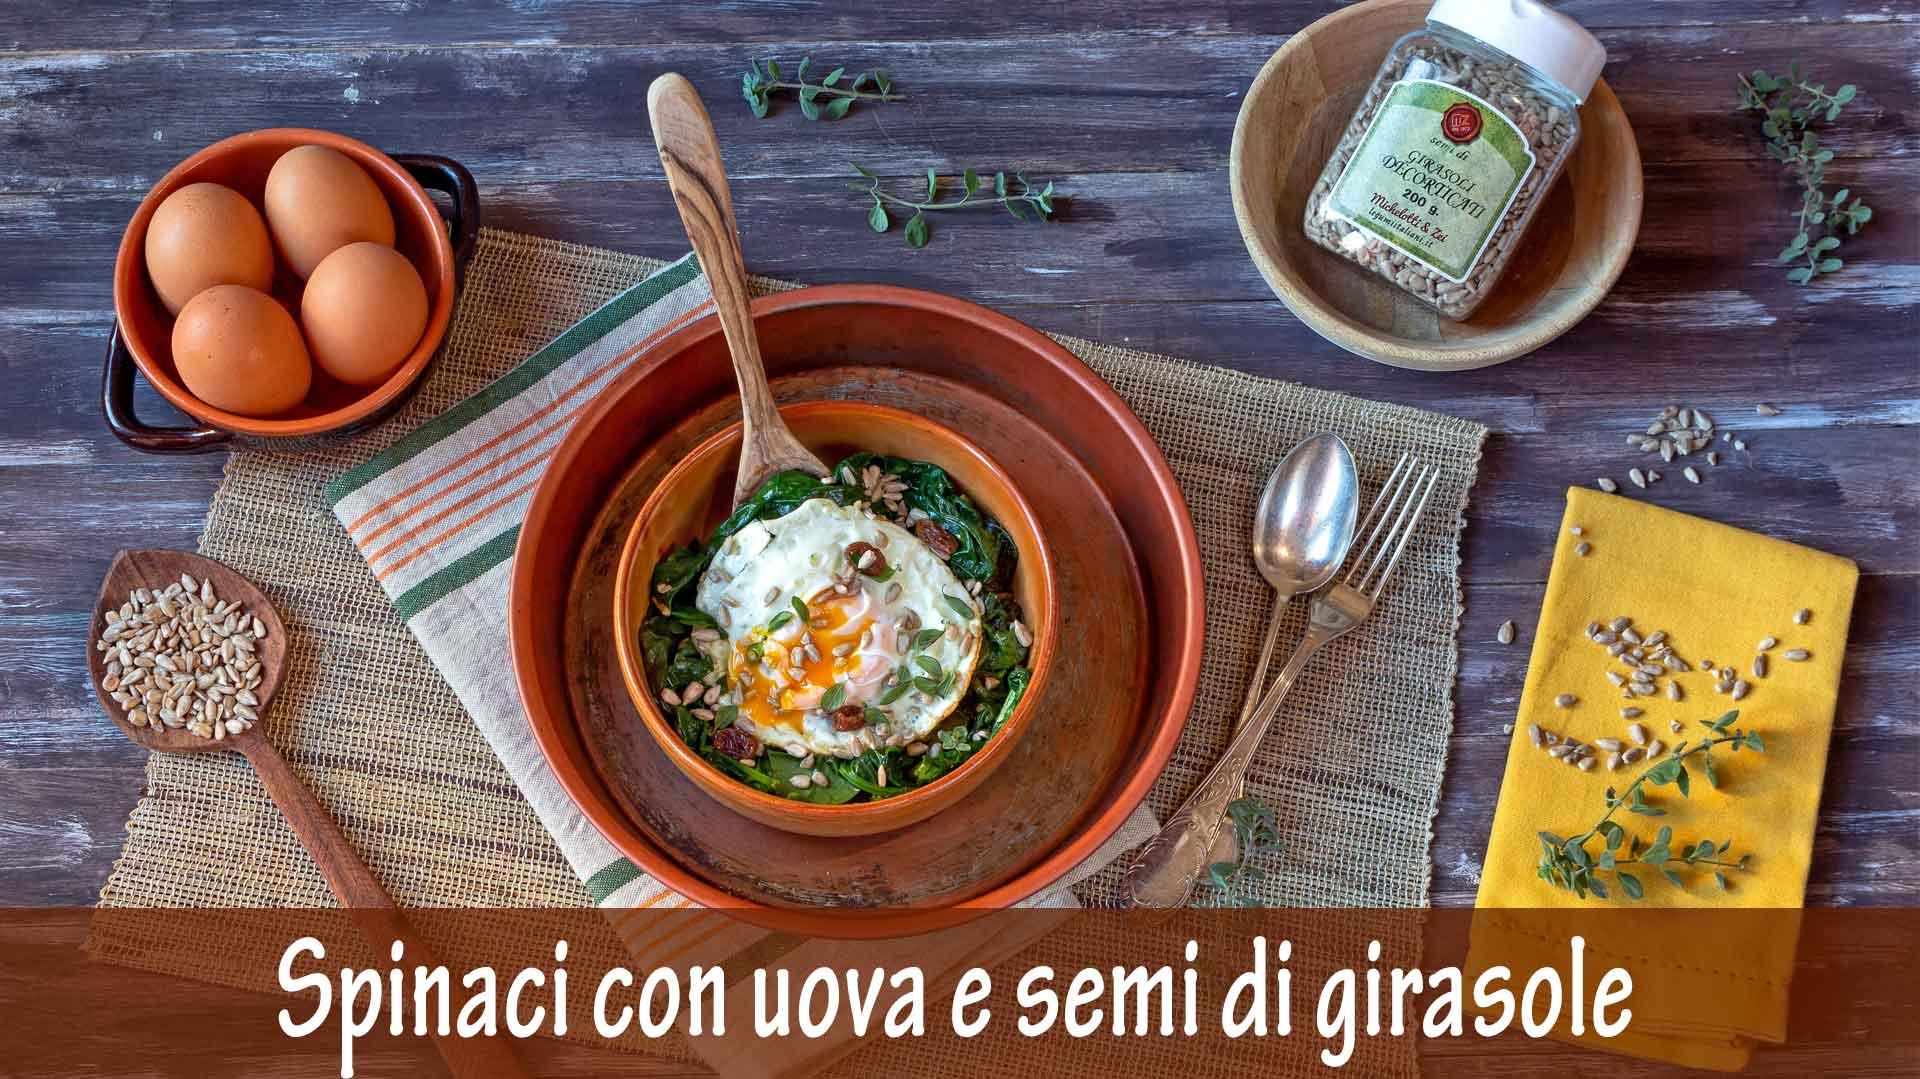 Spinaci in agrodolce con Uova e Semi di Girasole